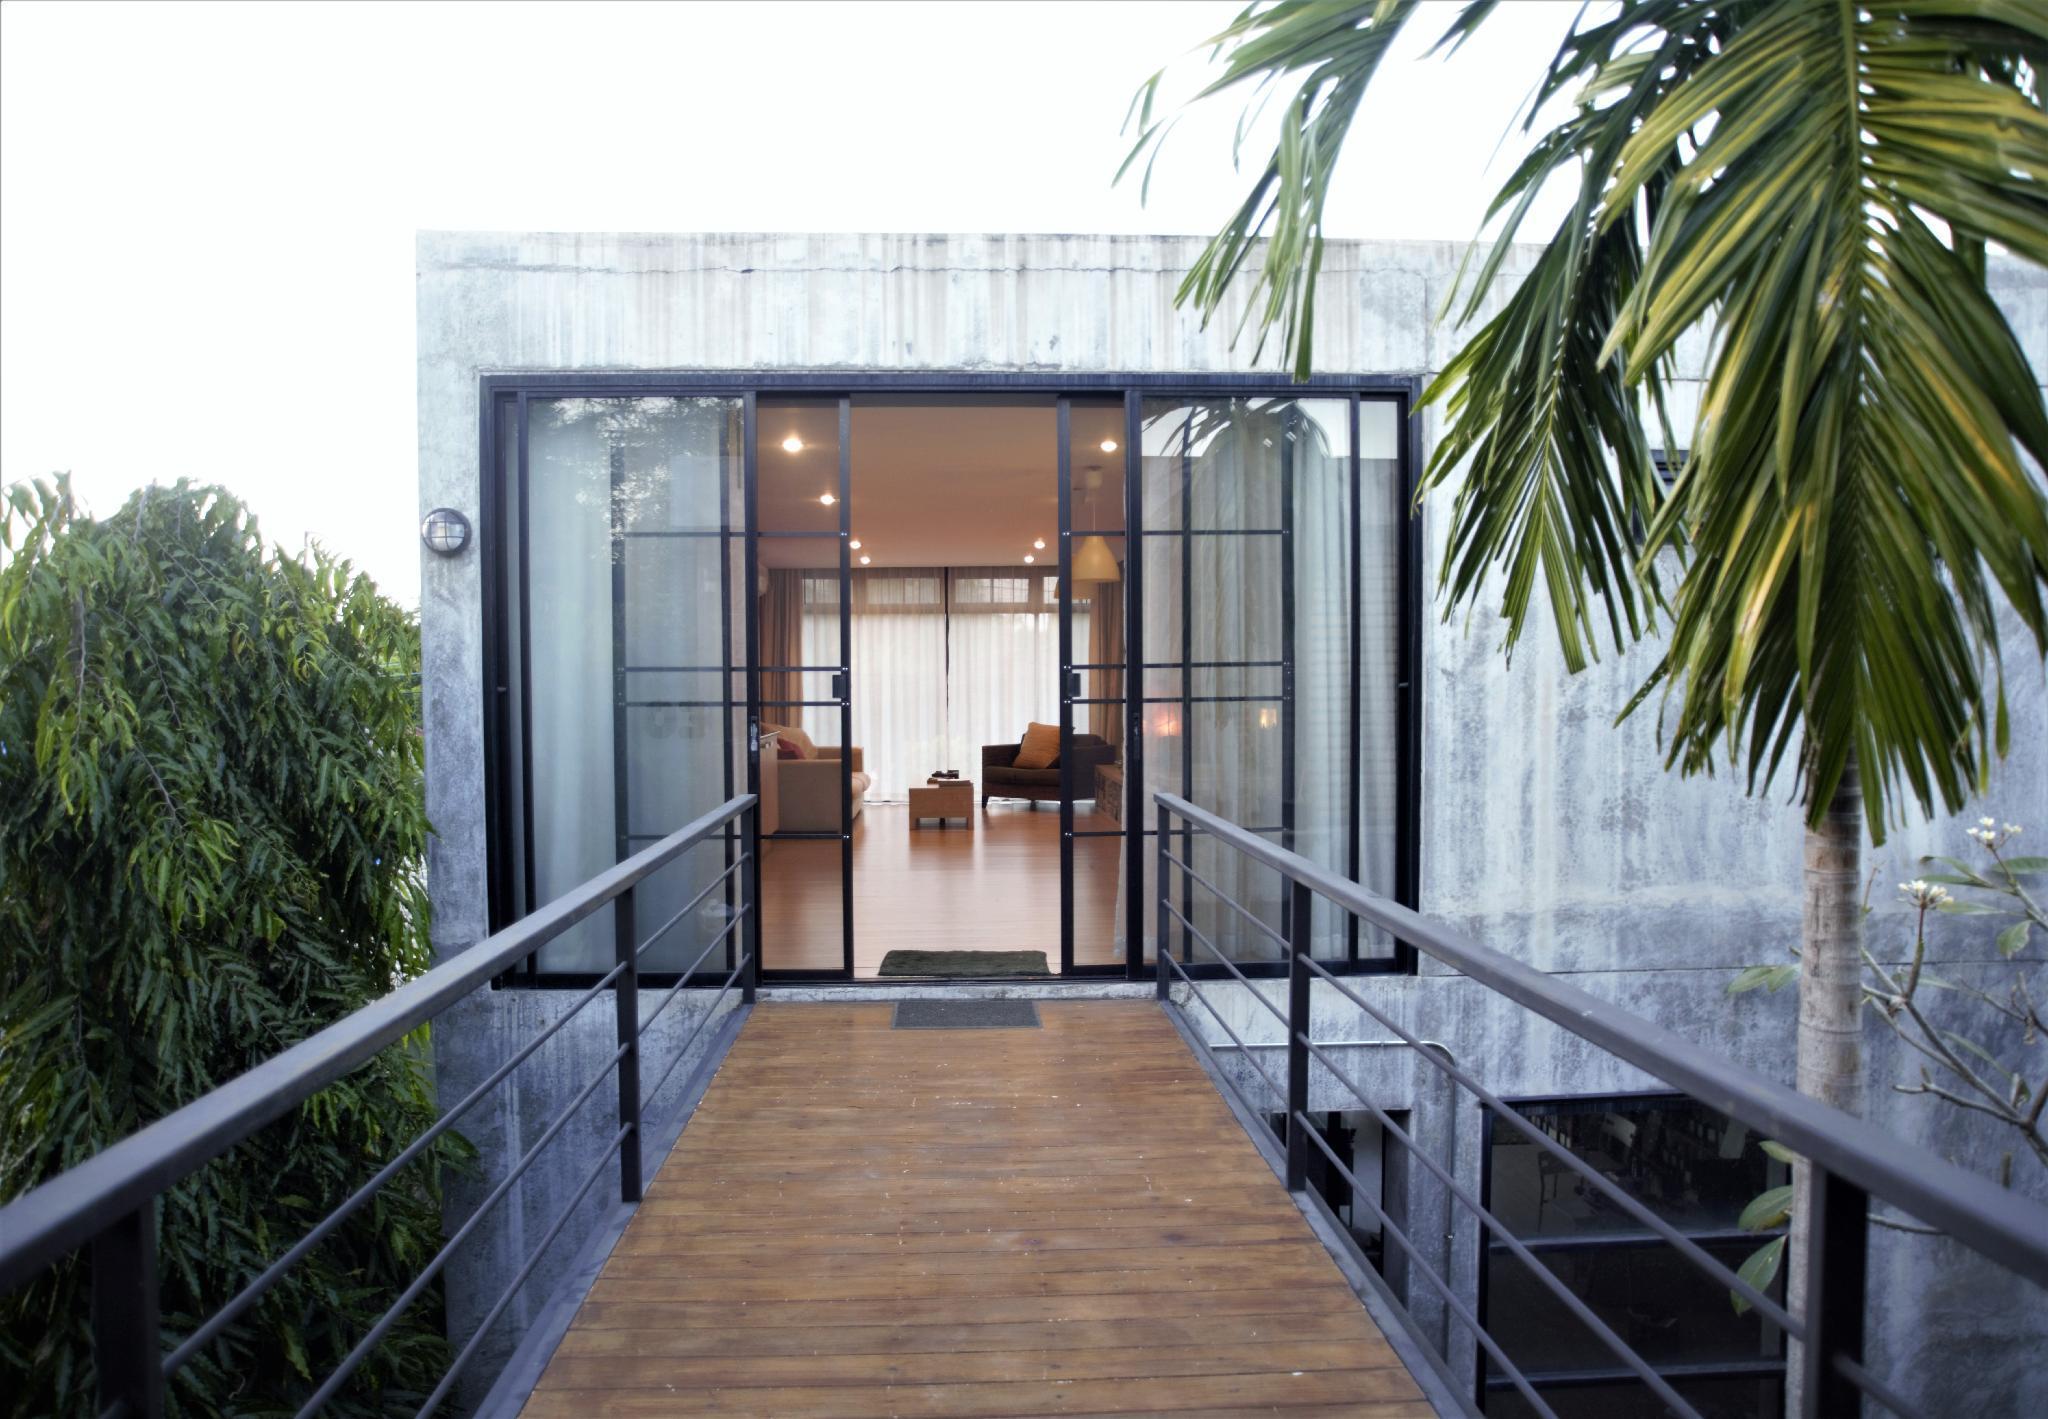 Baan Mali best place to stay in Chiang Mai อพาร์ตเมนต์ 1 ห้องนอน 1 ห้องน้ำส่วนตัว ขนาด 70 ตร.ม. – เจริญเมือง